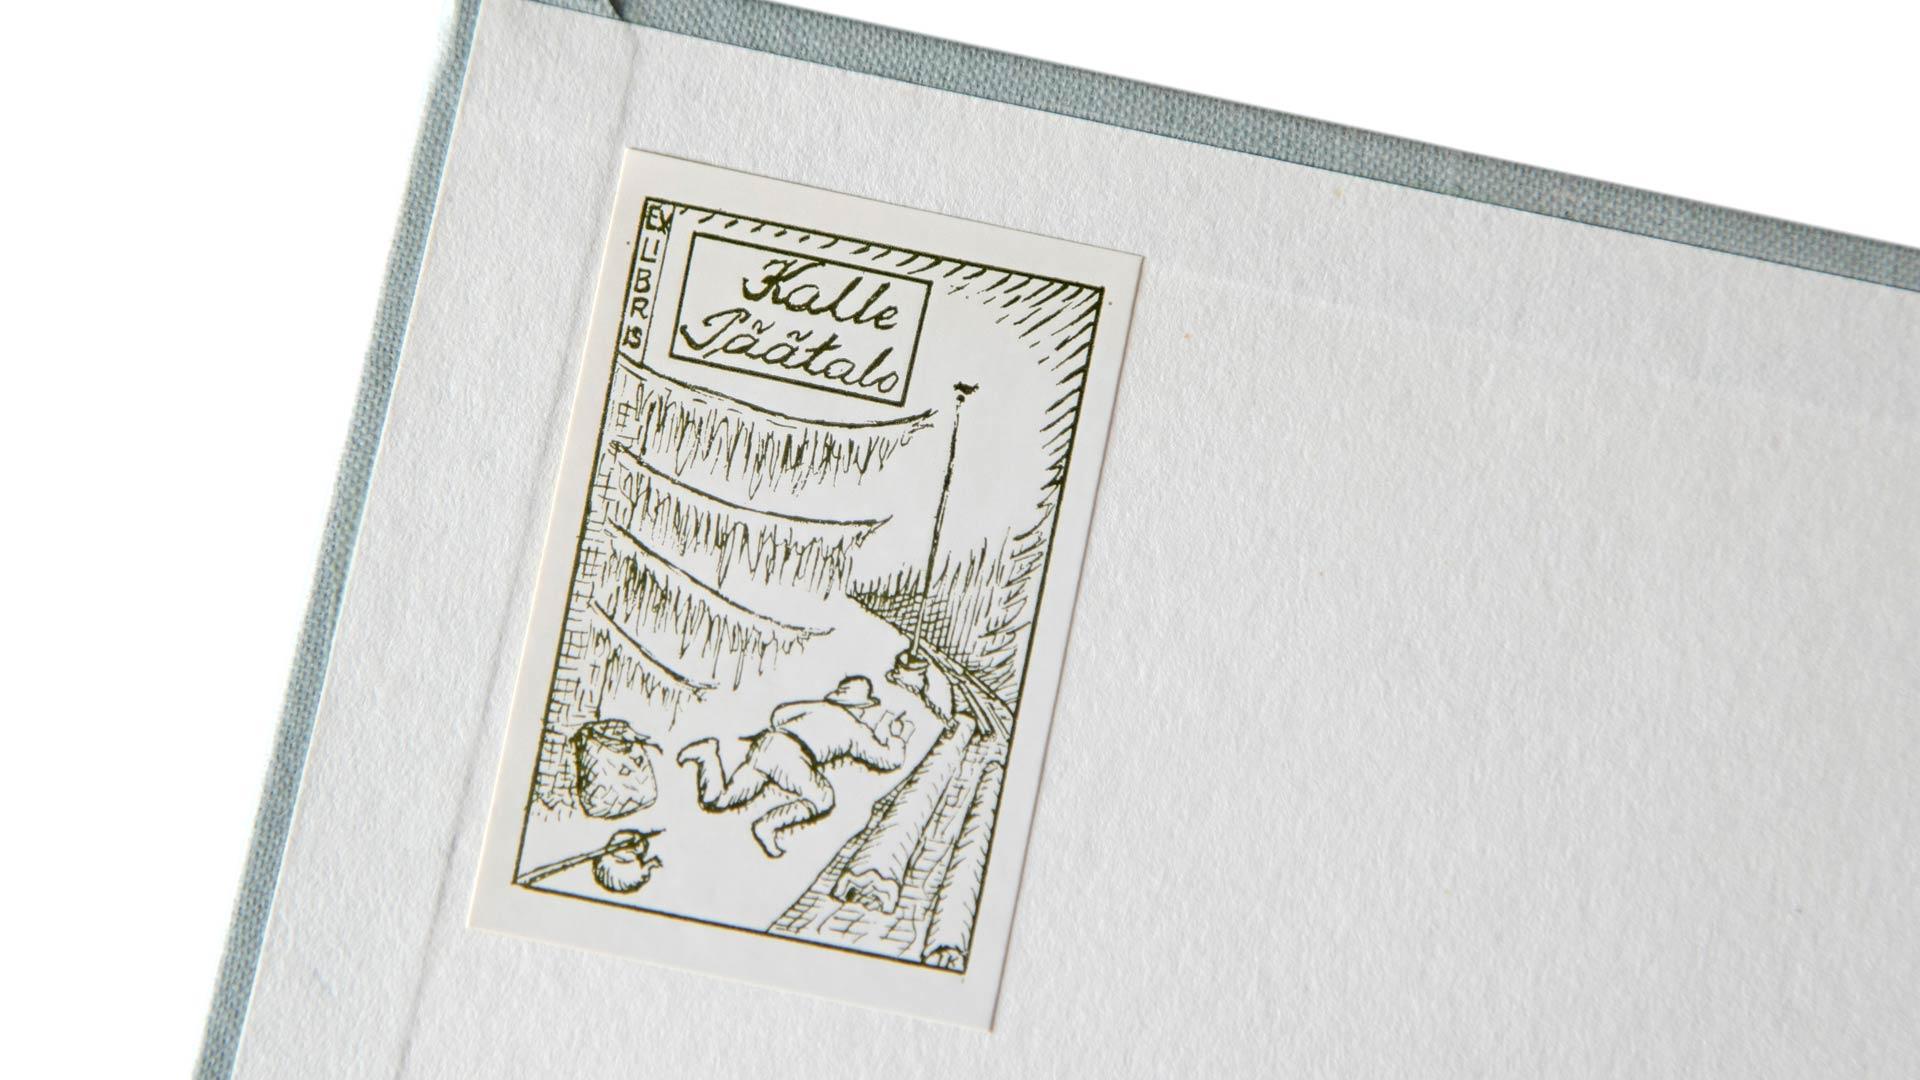 Kalle Päätalon ex libriksessä metsäjätkä kirjoittaa kynällä paperille keskellä metsää.